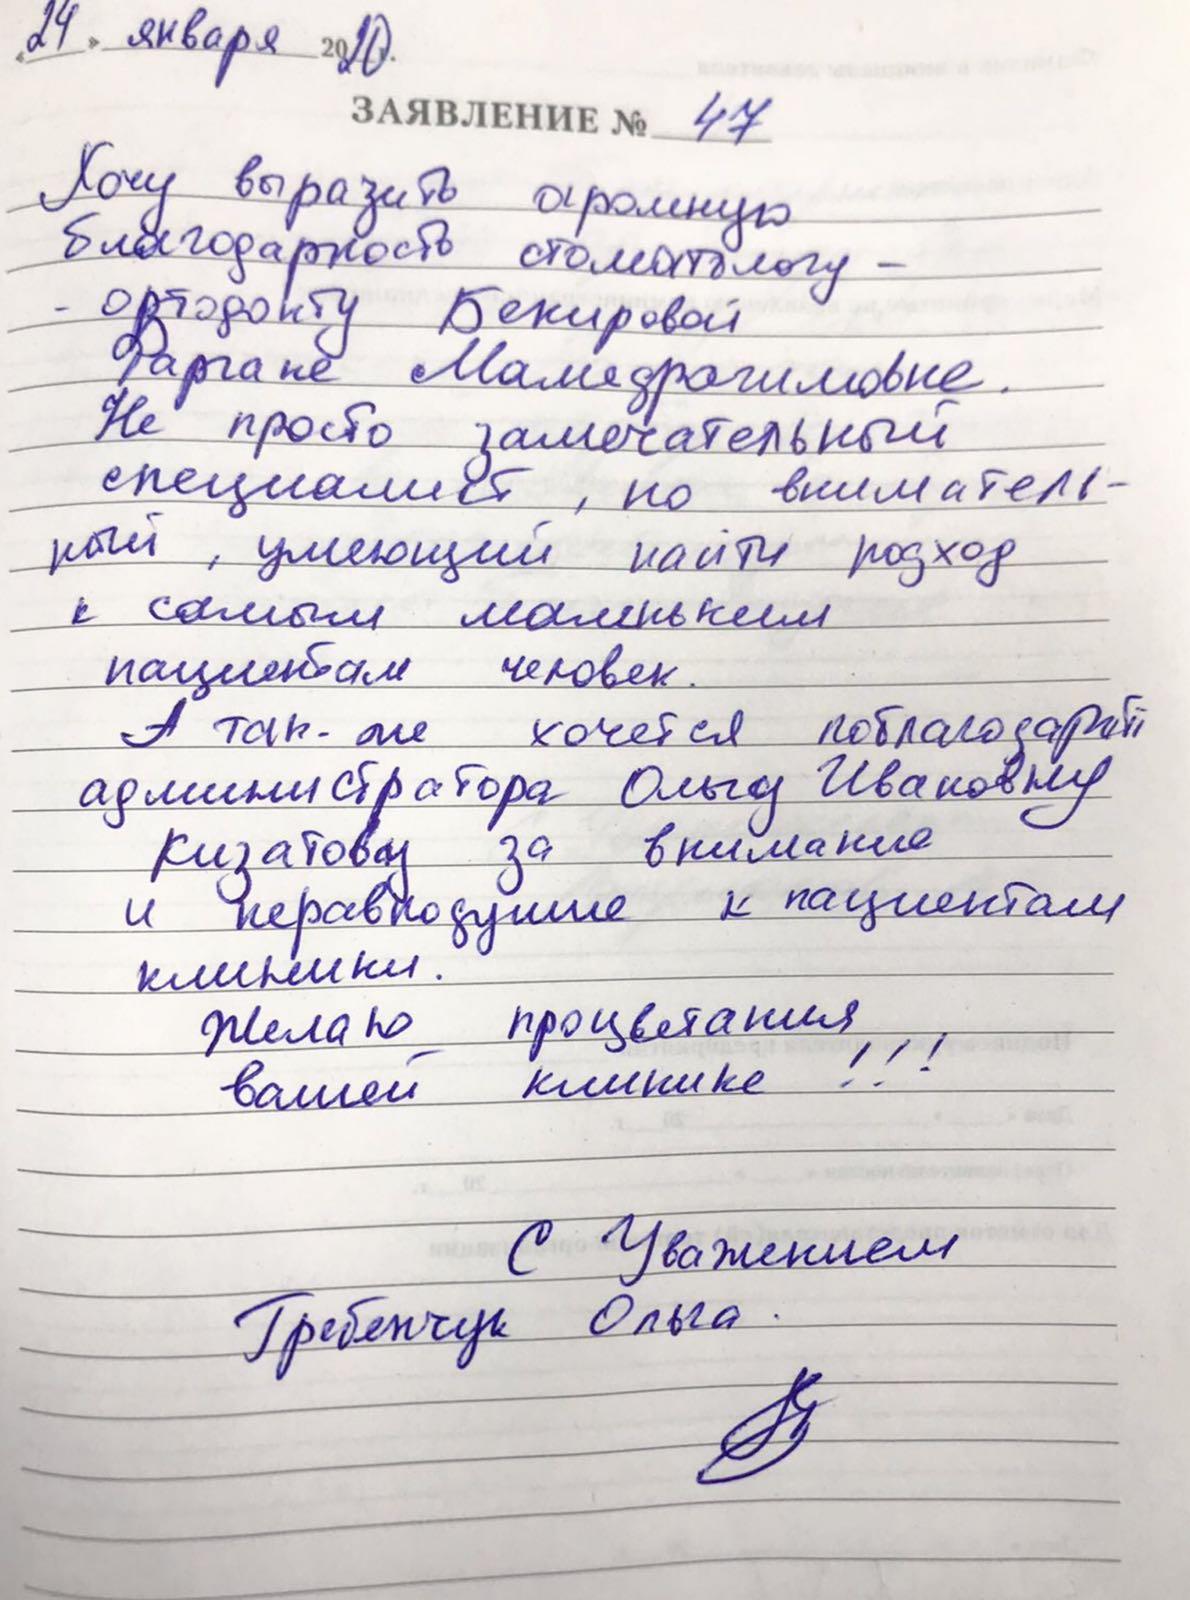 <em>Редактировать Отзыв</em> Ольга Владимировна. Стоматология Фларт